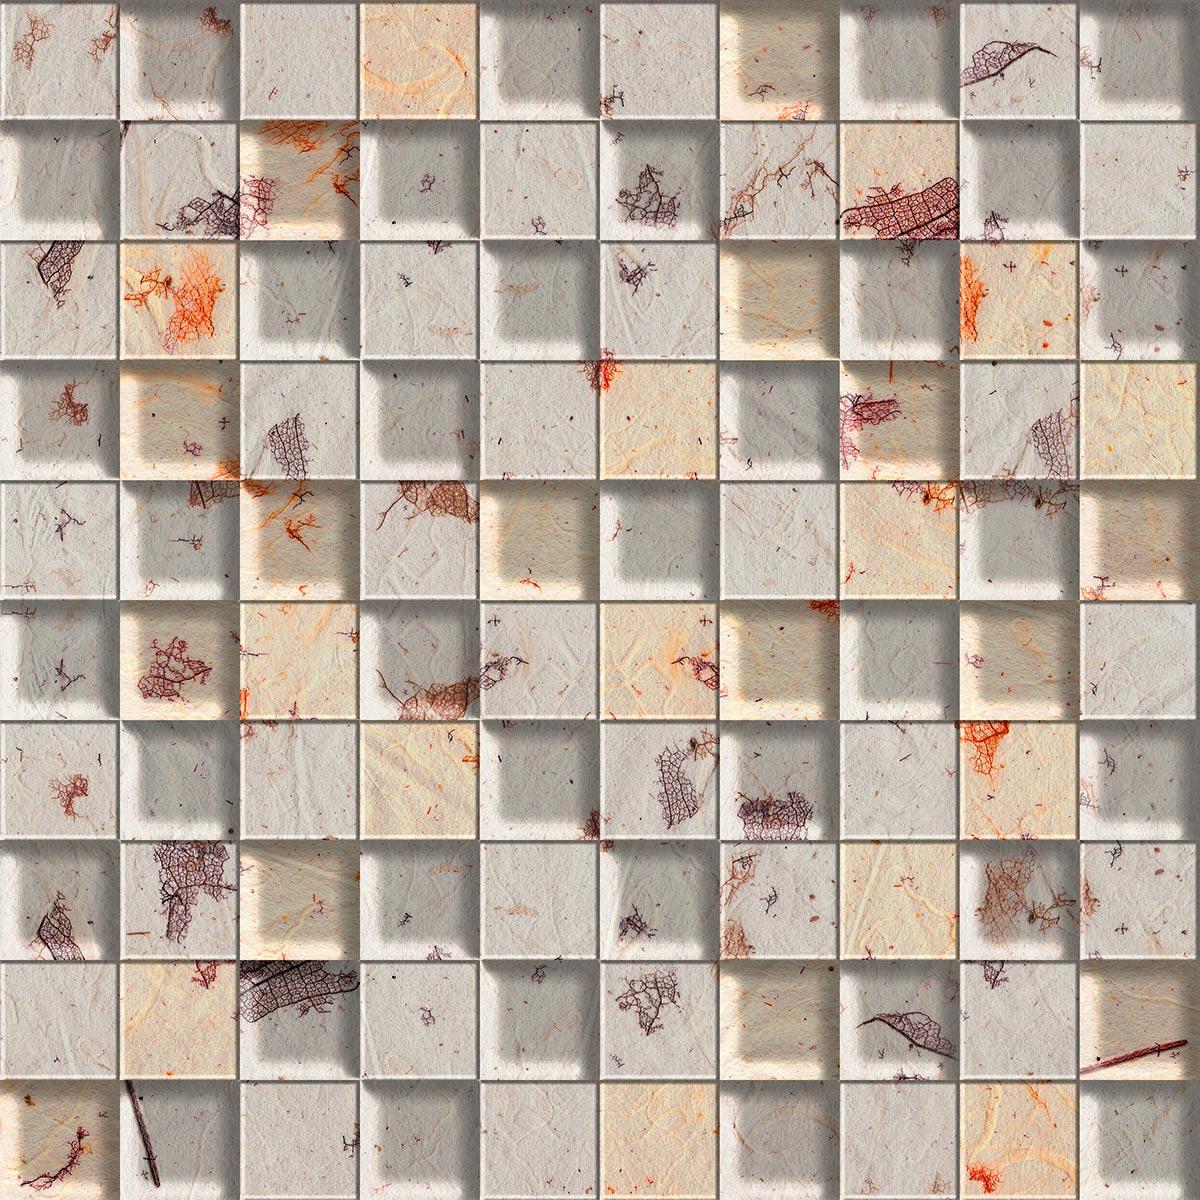 Papel de Parede Pastilhas 3D Cinza Detalhes Bege Adesivo